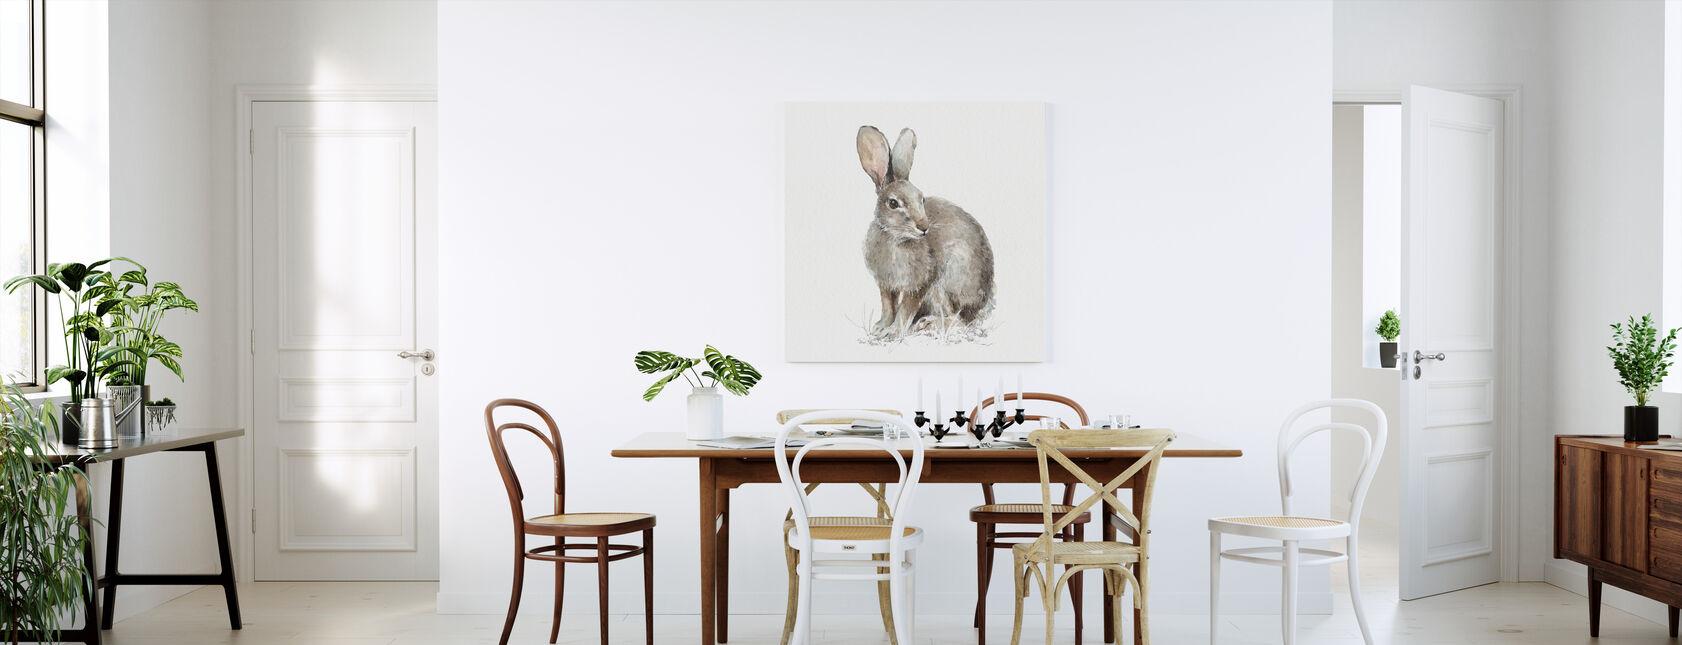 Forest Friends VIII - Canvas print - Kitchen